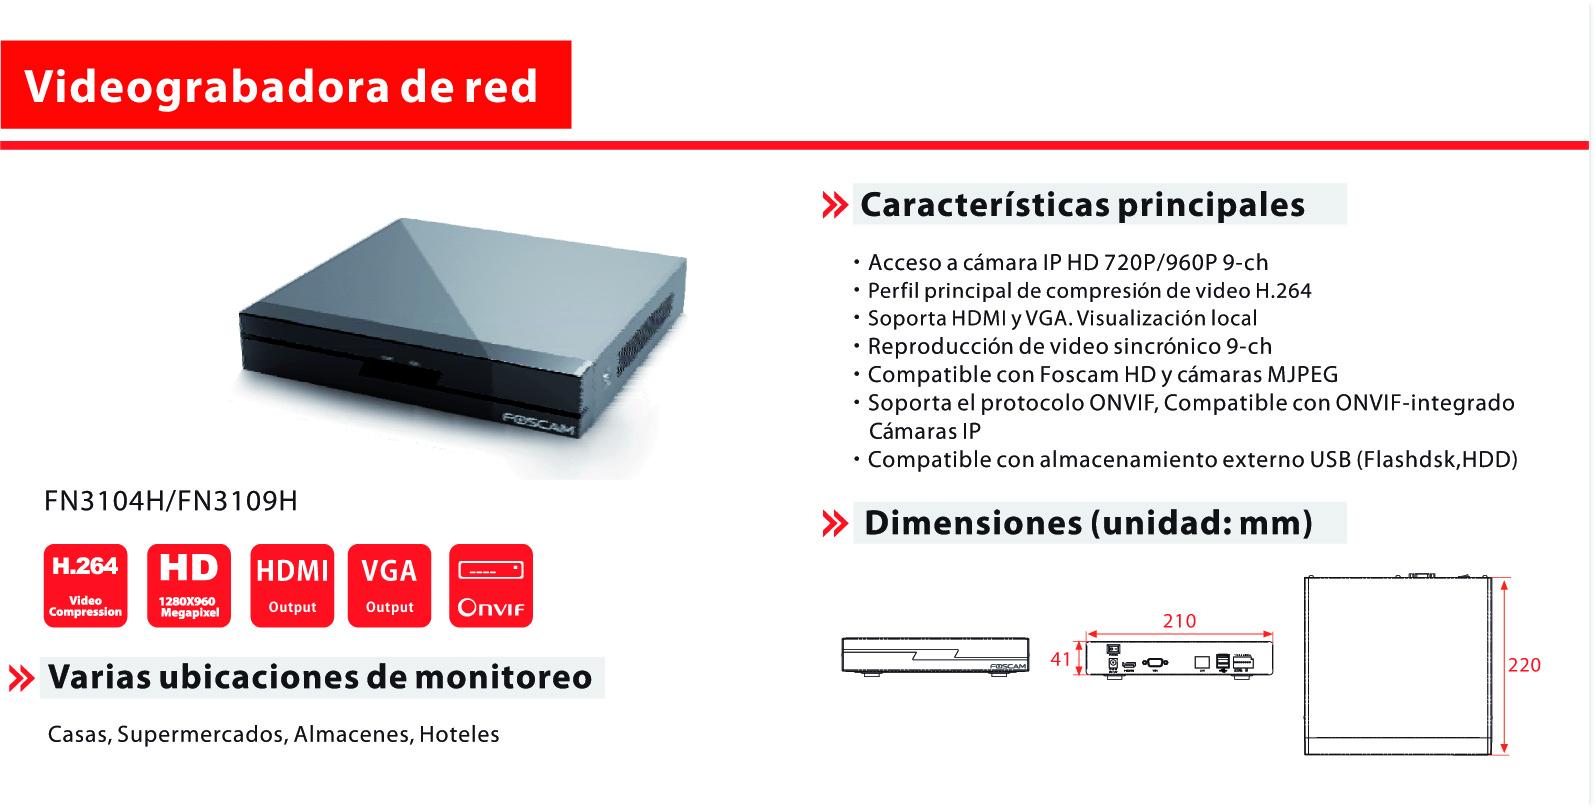 NVR Foscam FN3109H de 9 canales